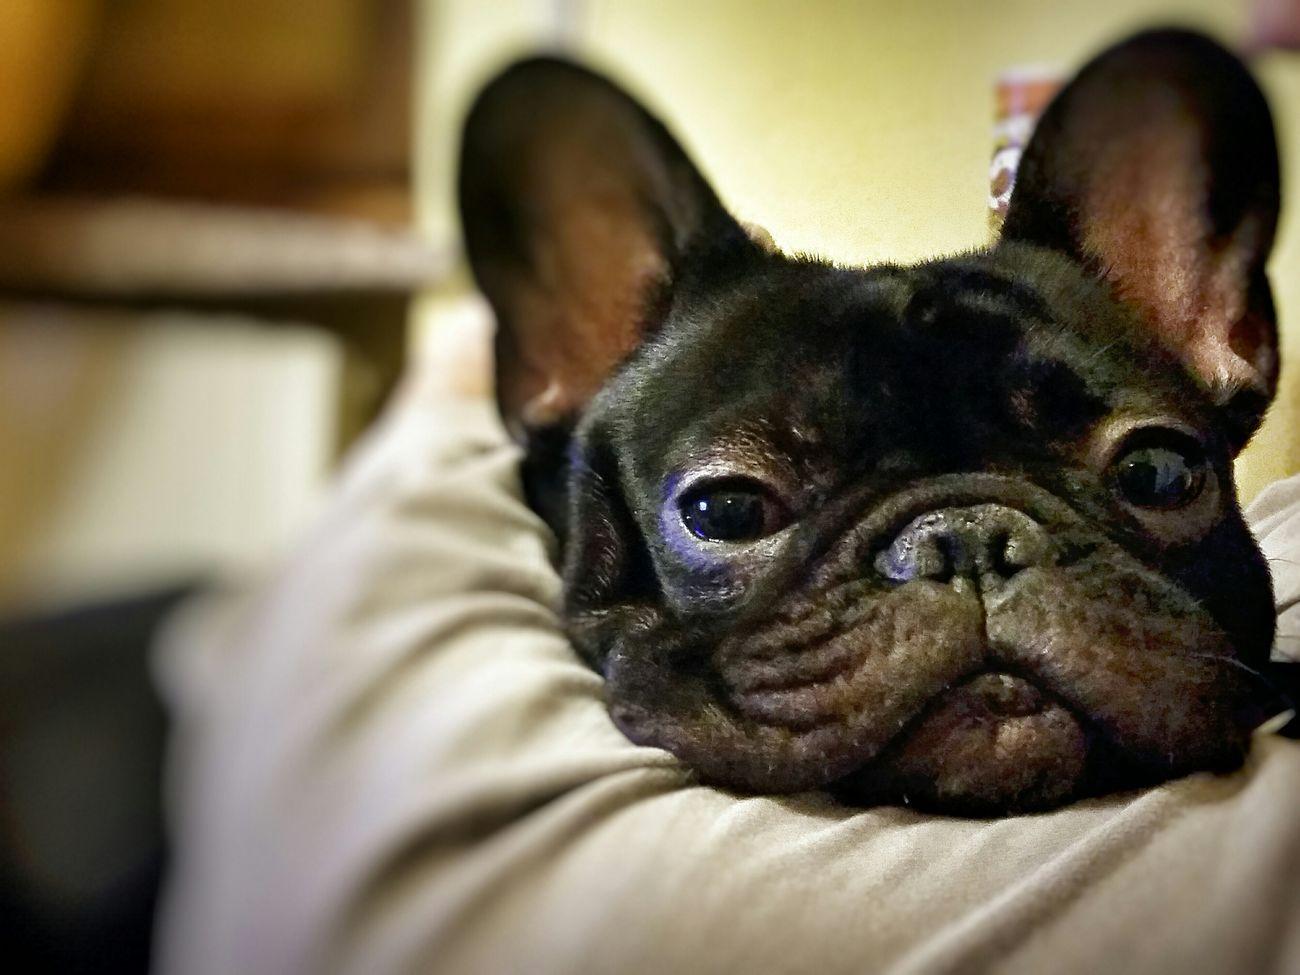 Ora di nanna! Bouledoguefrancais Samsung Galaxy S5 Bouledogue Francais I Love My Dog❤ Bulldogfrances Bouledogue Francese Bulldog Francese Bouledogue Francese Piemonte